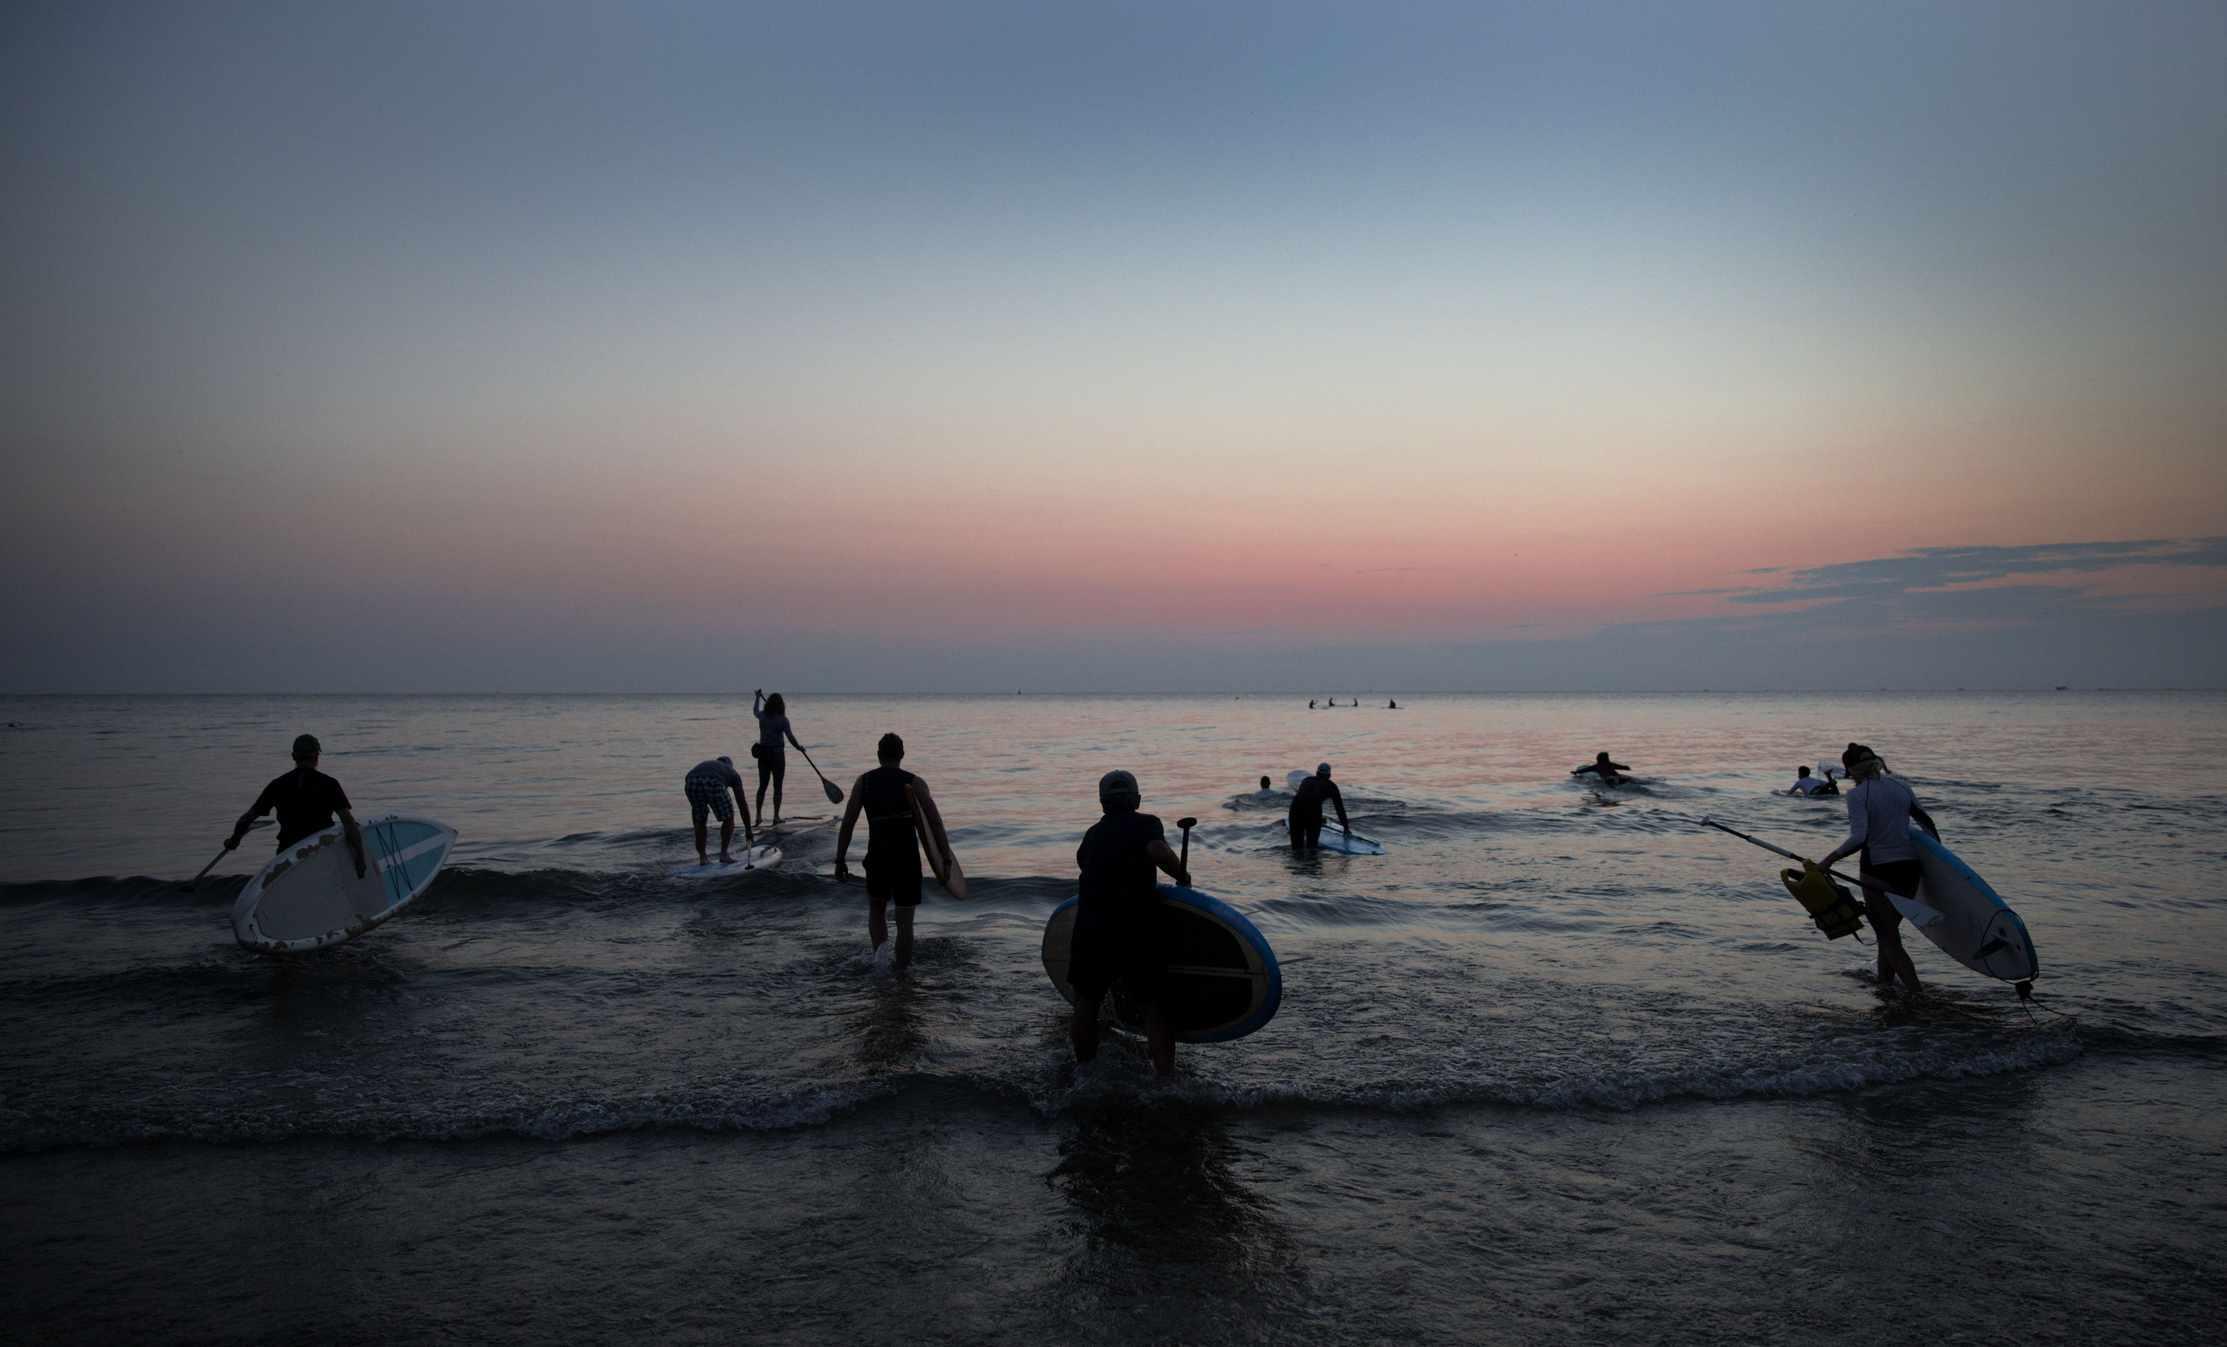 Surfers on Lake Michigan